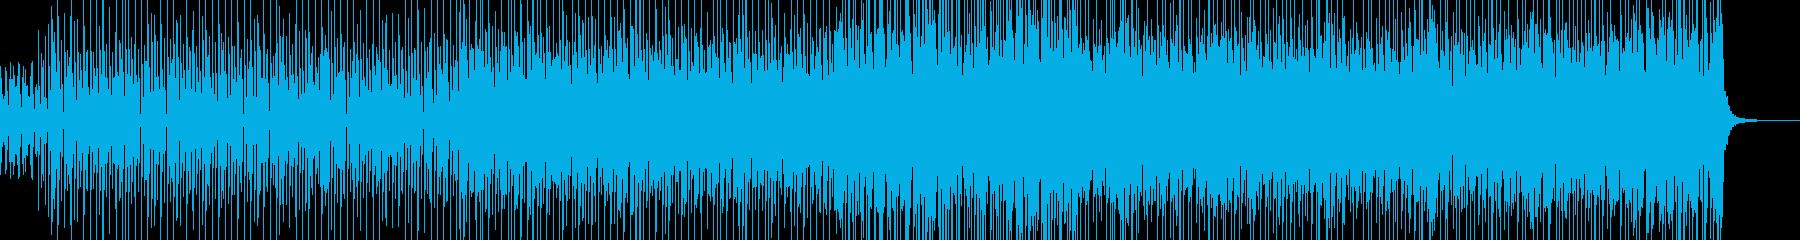 真夏の海水浴をイメージした楽曲ですの再生済みの波形